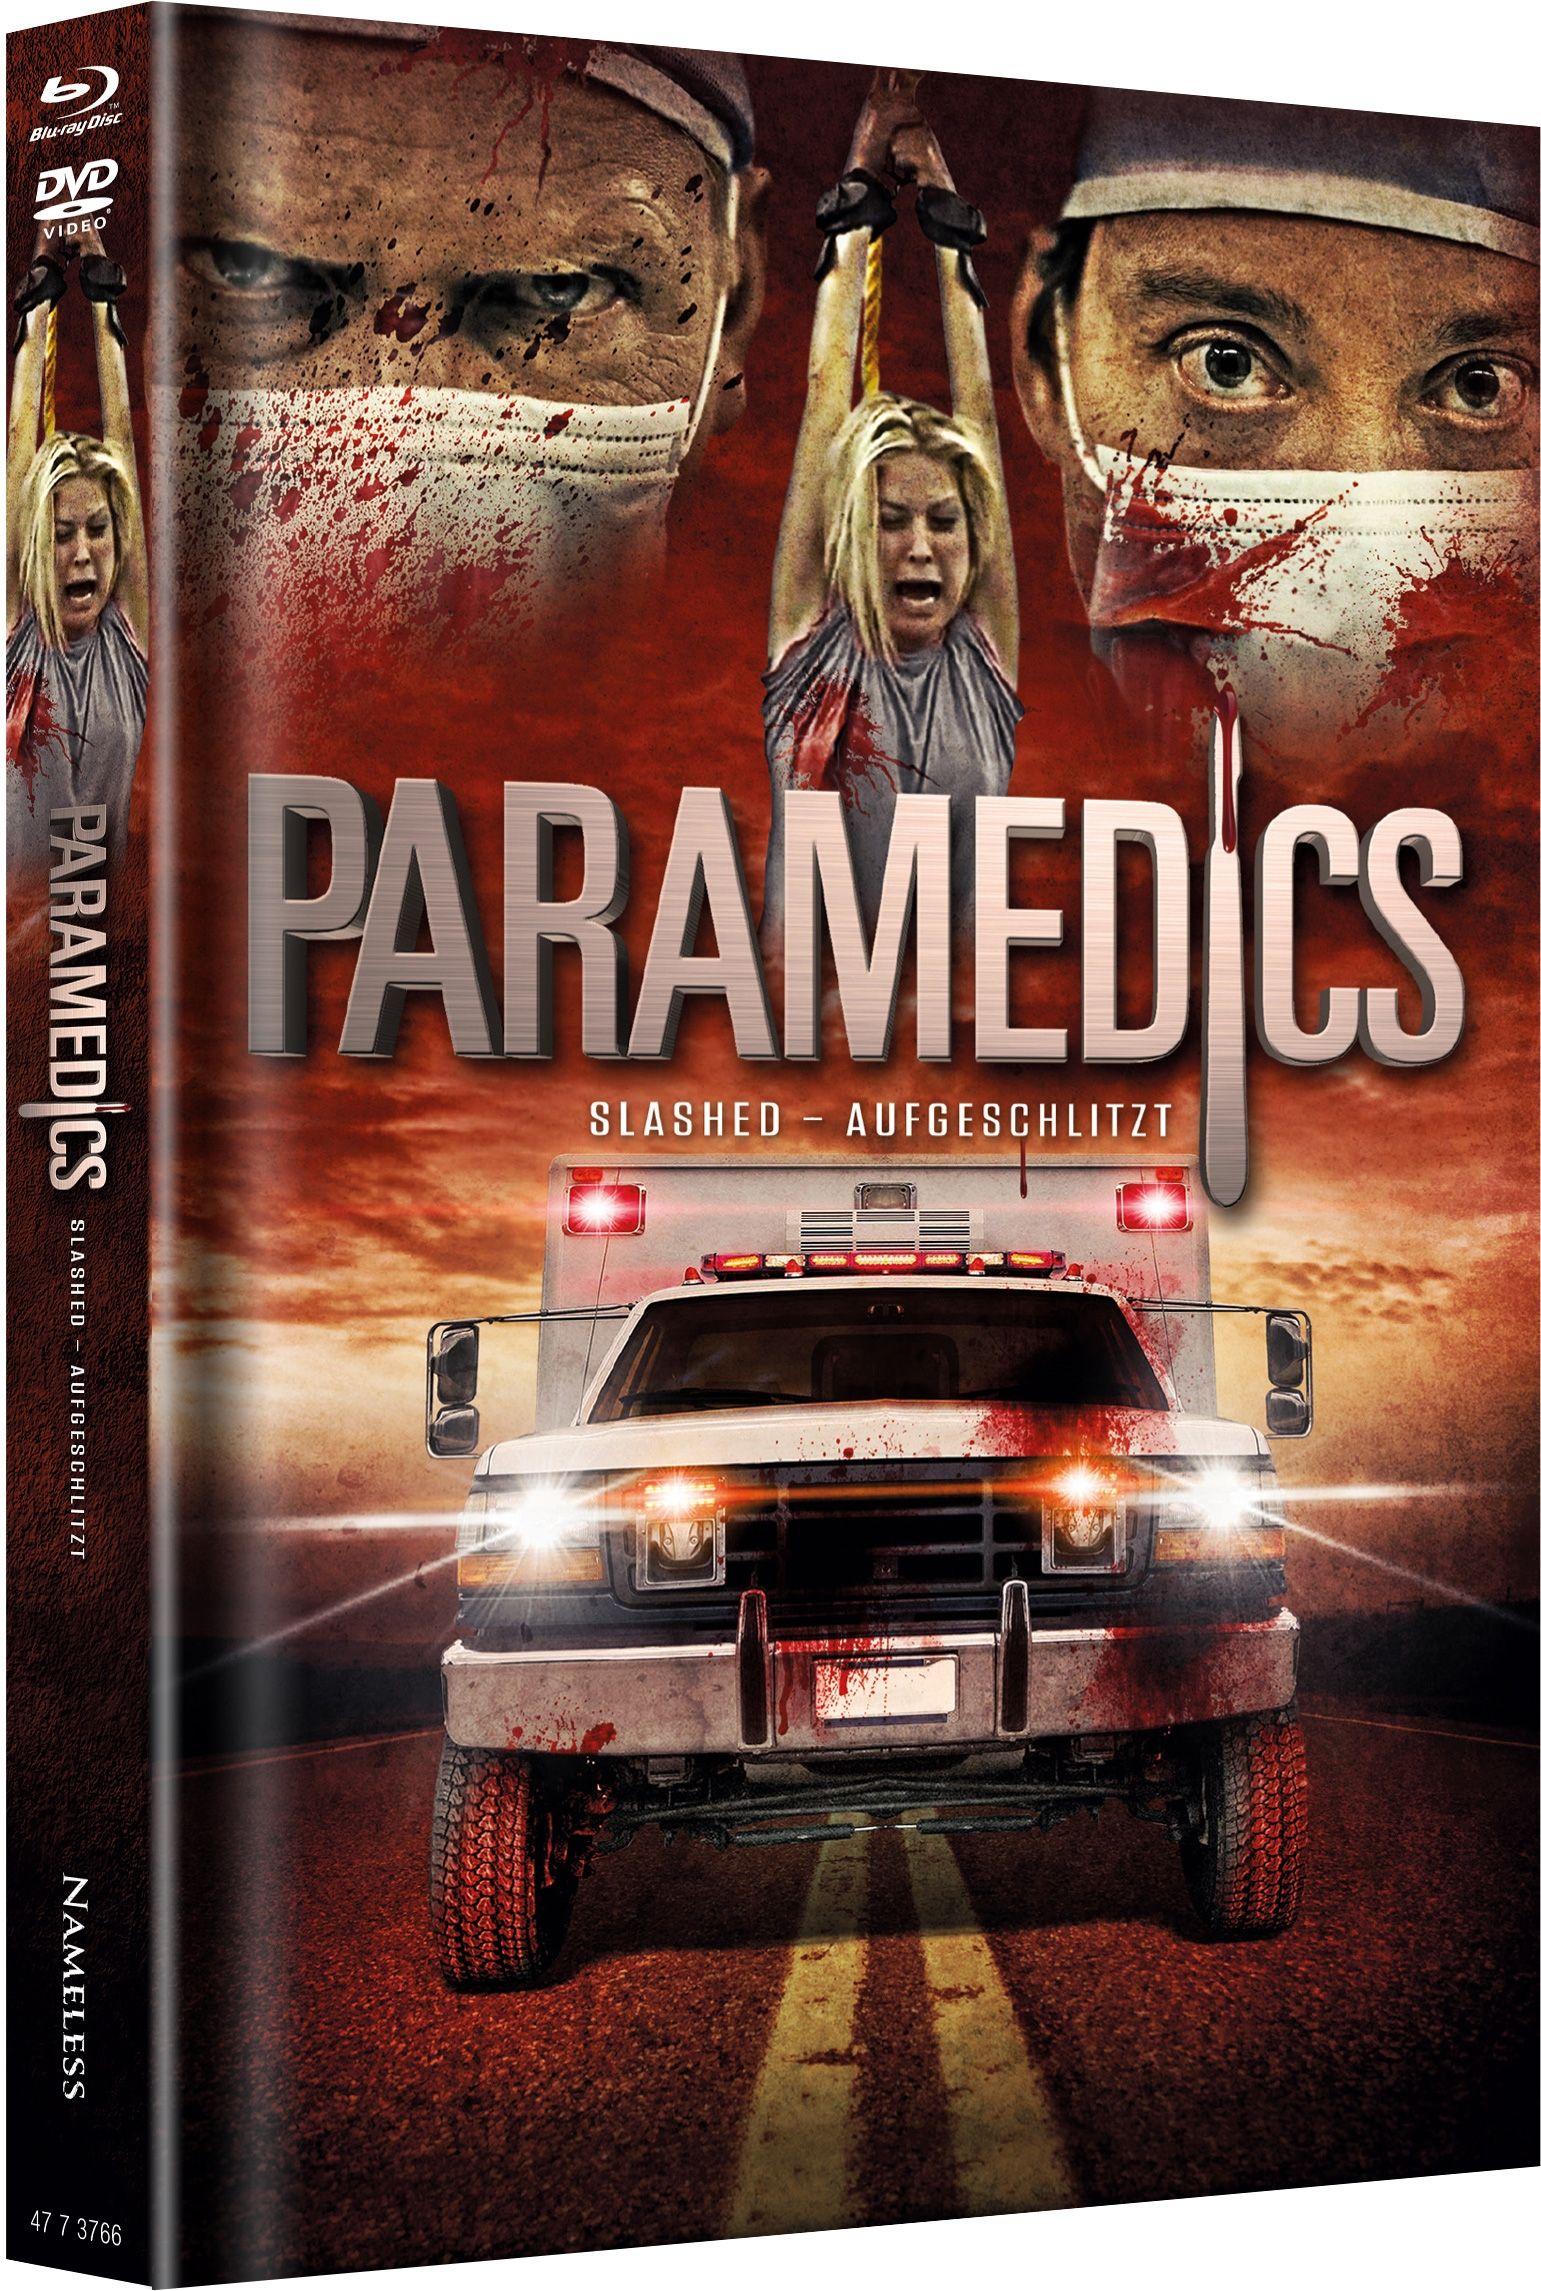 Paramedics (Lim. Uncut Mediabook - Cover A) (DVD + BLURAY)